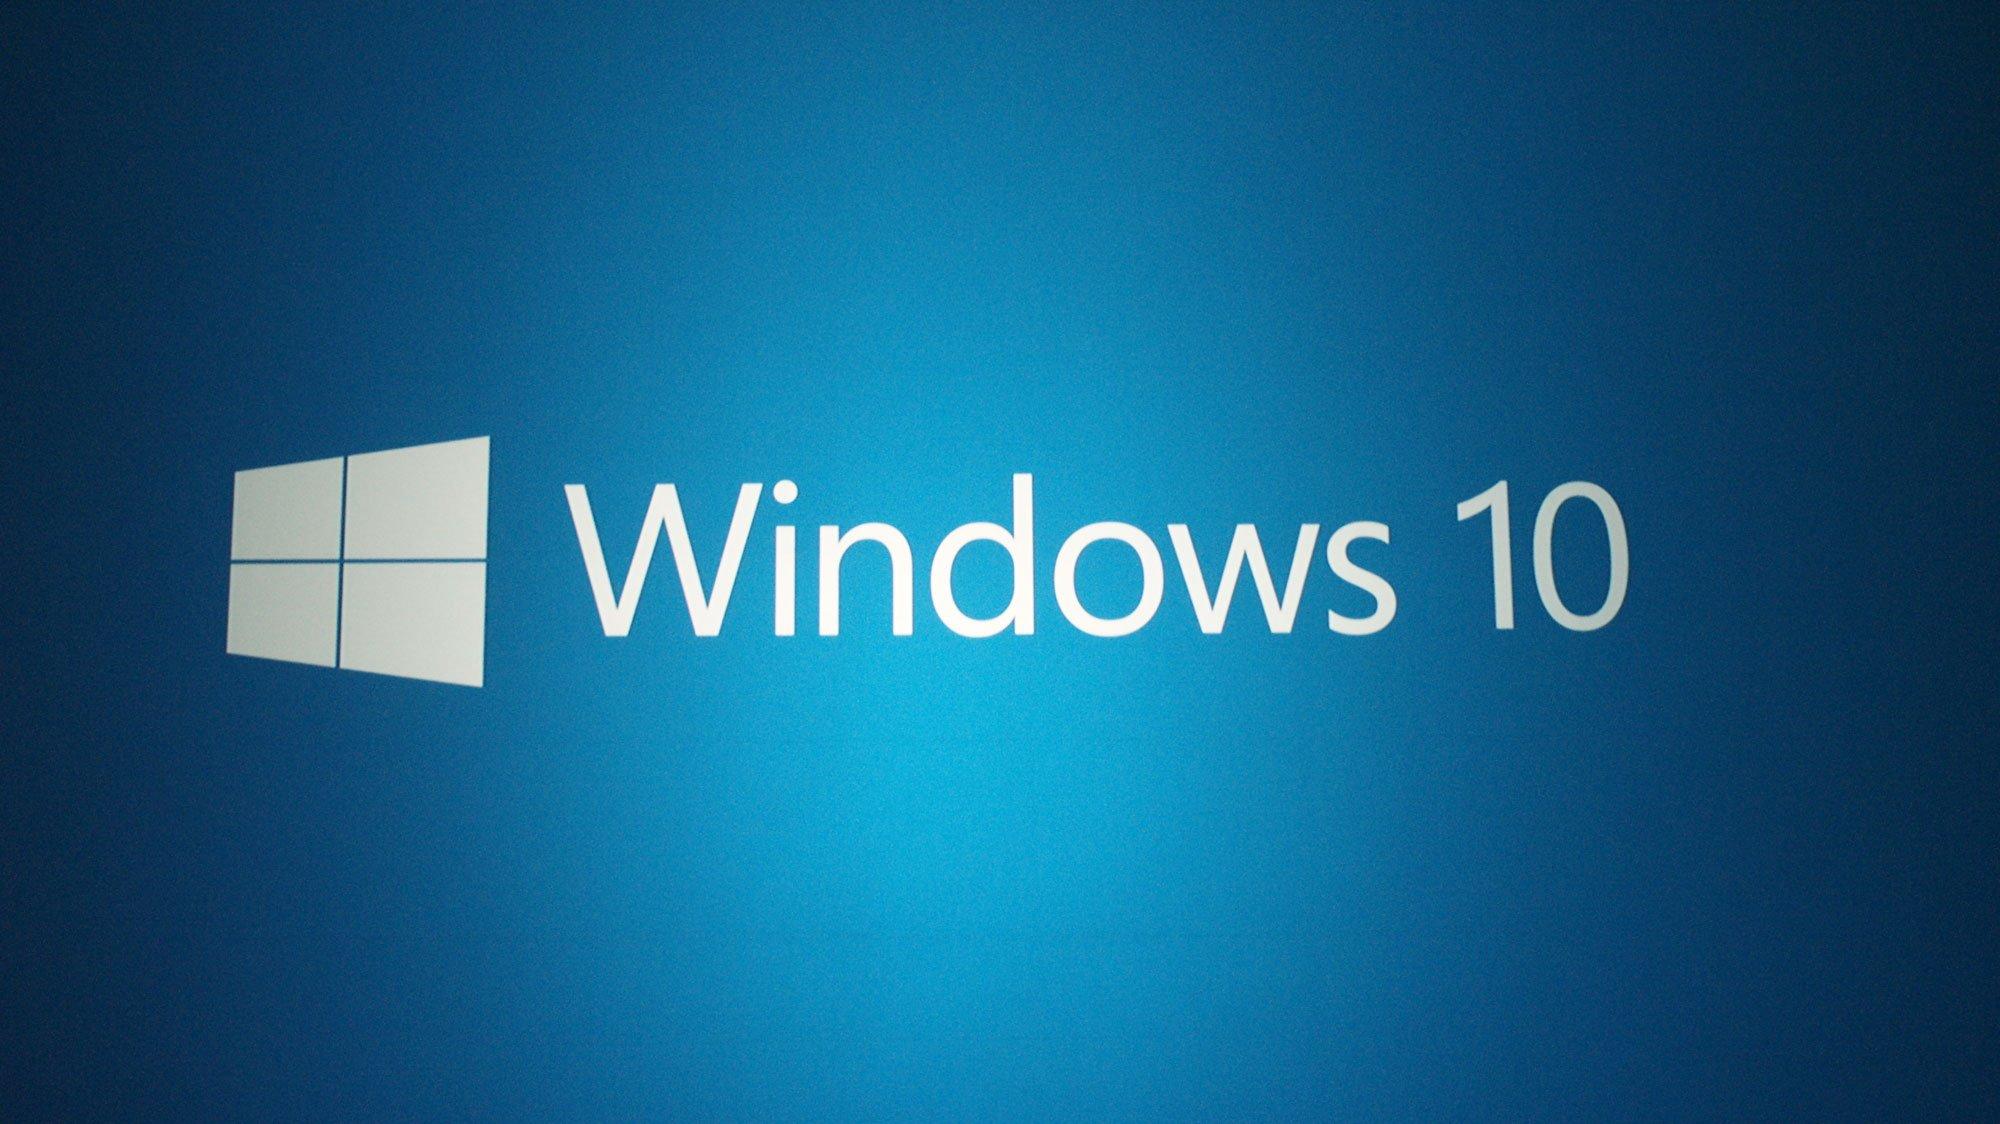 Встречаем вместе: Windows 10. - Изображение 1